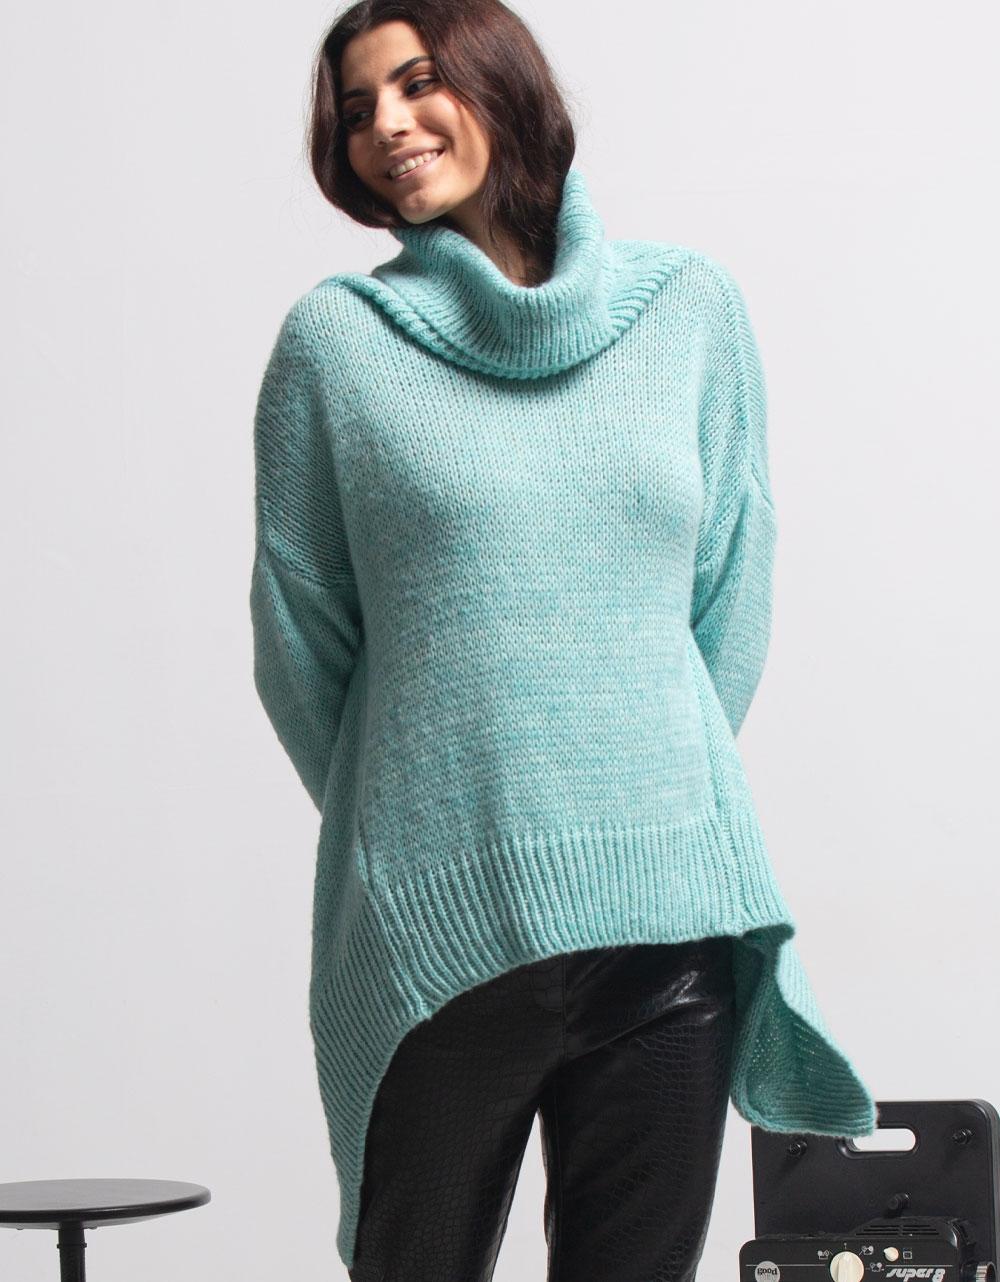 Εικόνα από Γυναικεία μπλούζα πλεκτή με ασύμμετρο σχέδιο Σιέλ